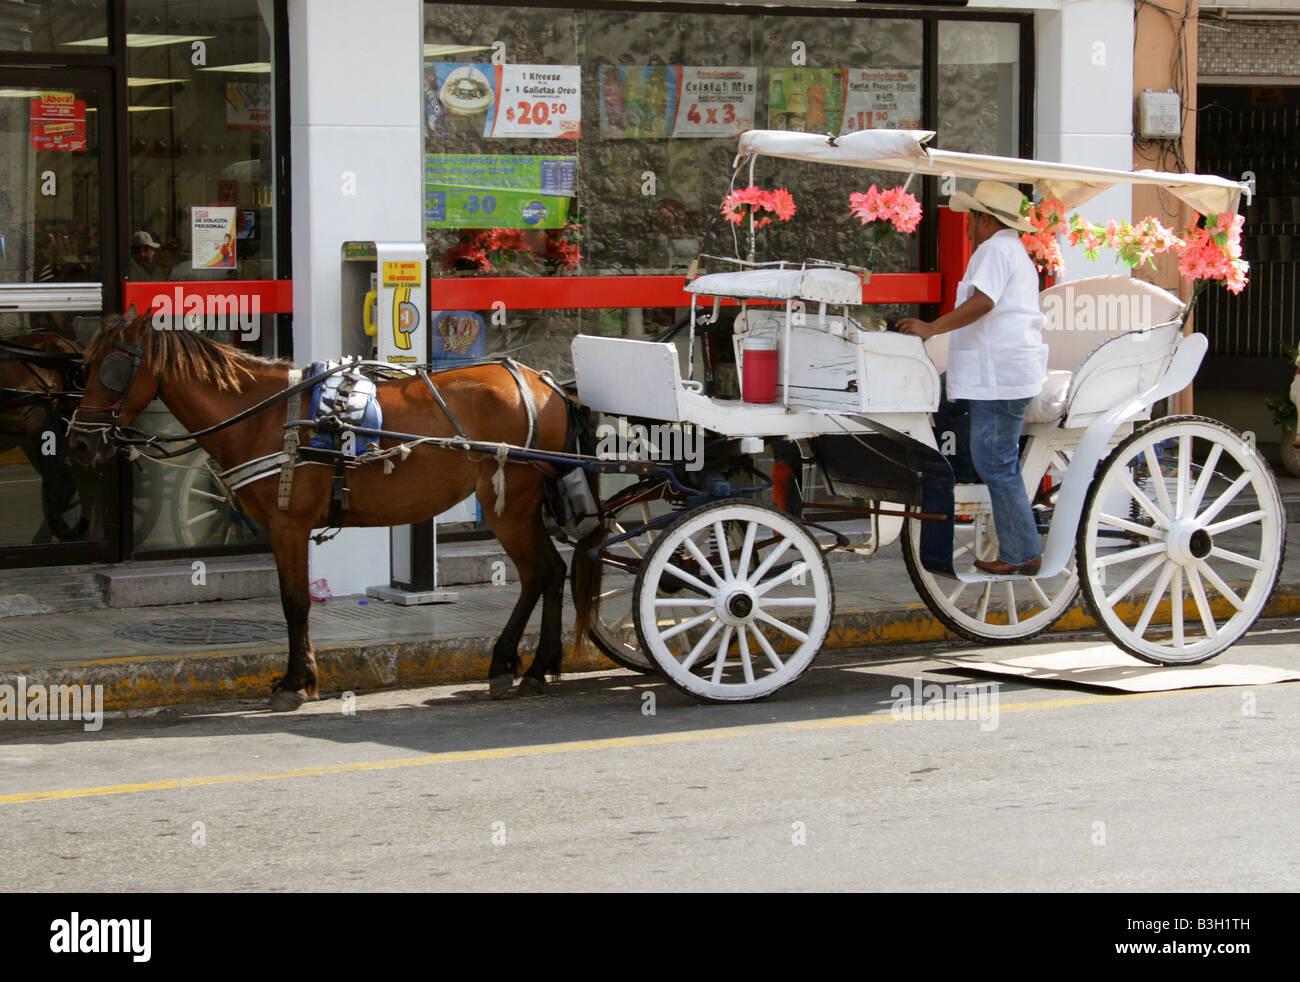 Horse and Carriage Taxi, Merida, Yucatan Peninsular, Mexico Stock Photo